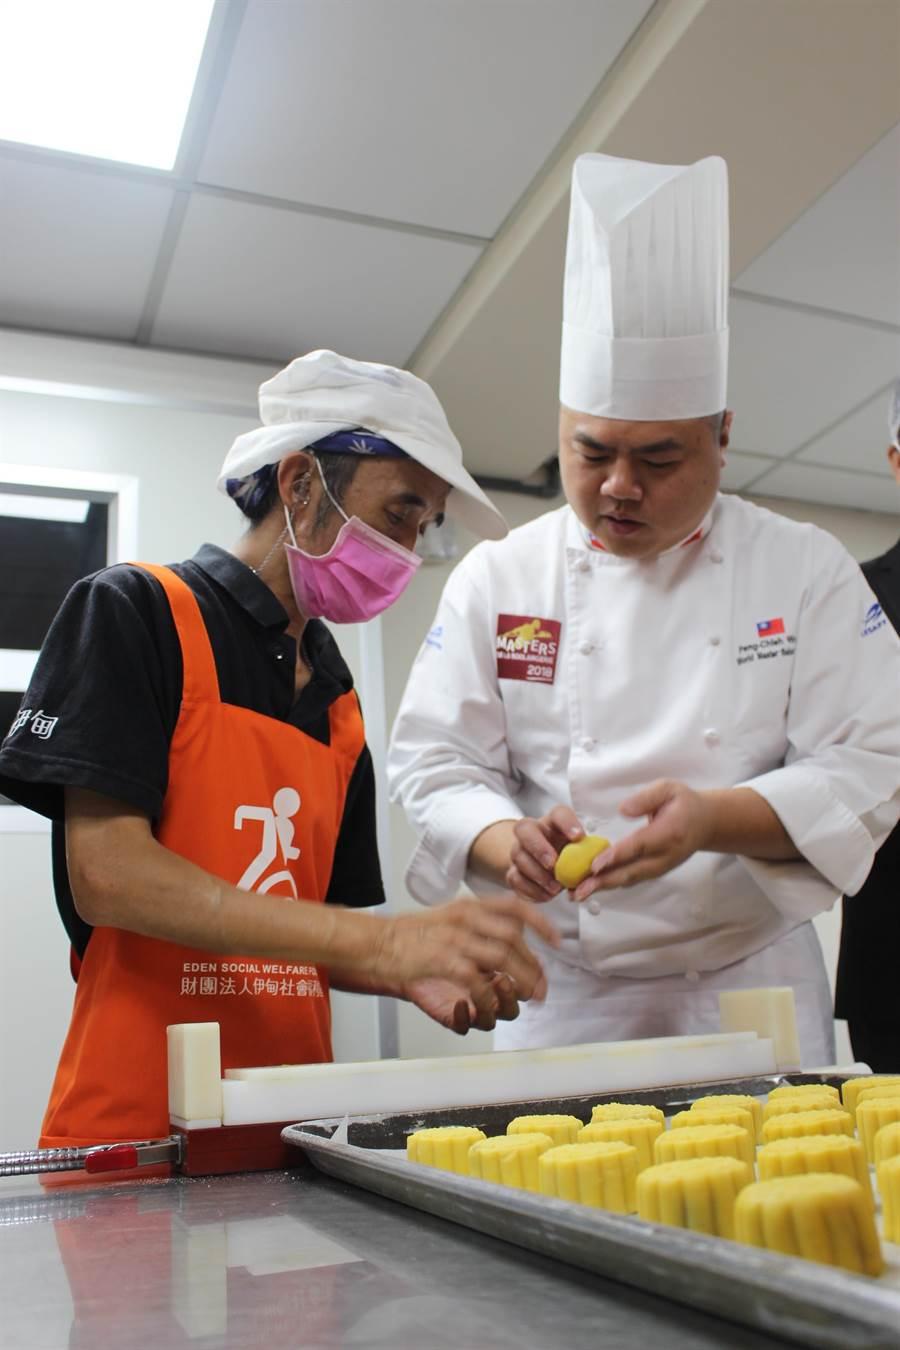 王鵬傑(圖右)現身庇護工場為這群身心障礙朋友們打氣,教導草莓酥與草莓燒菓子調配的獨家配方。(張妍溱攝)